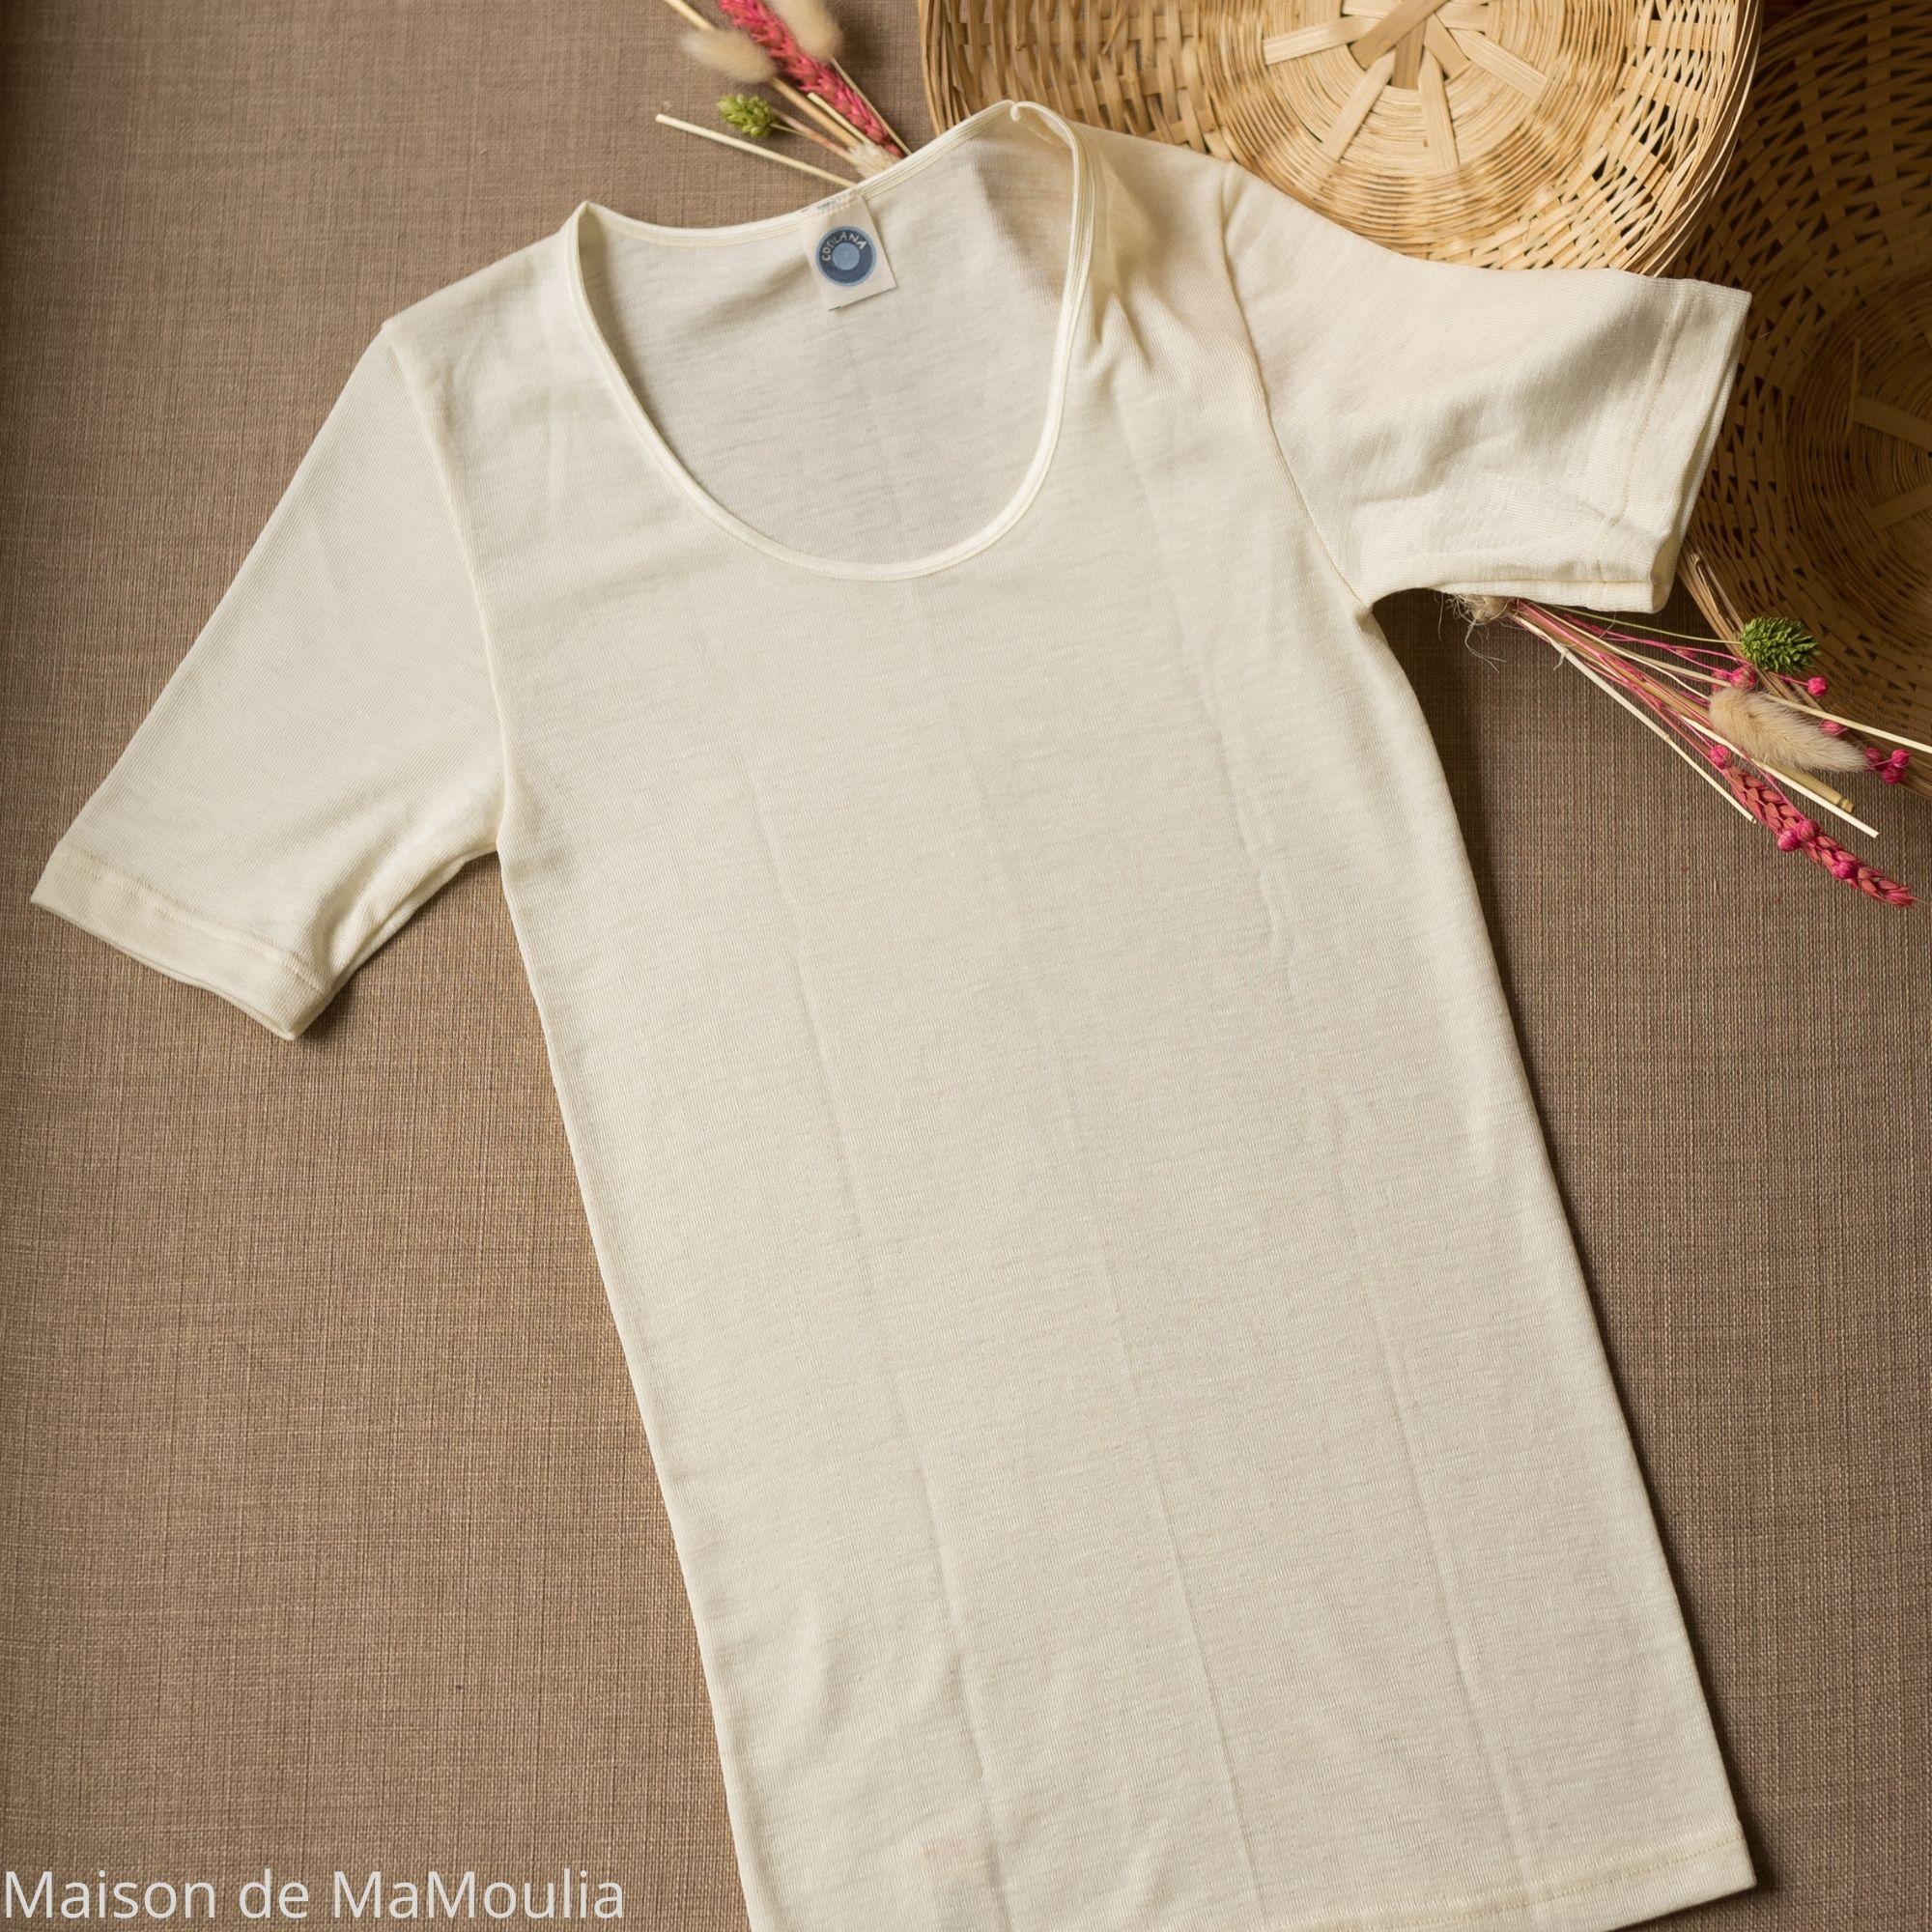 COSILANA - T-shirt manches courtes - 70% laine/ 30% soie, Écru